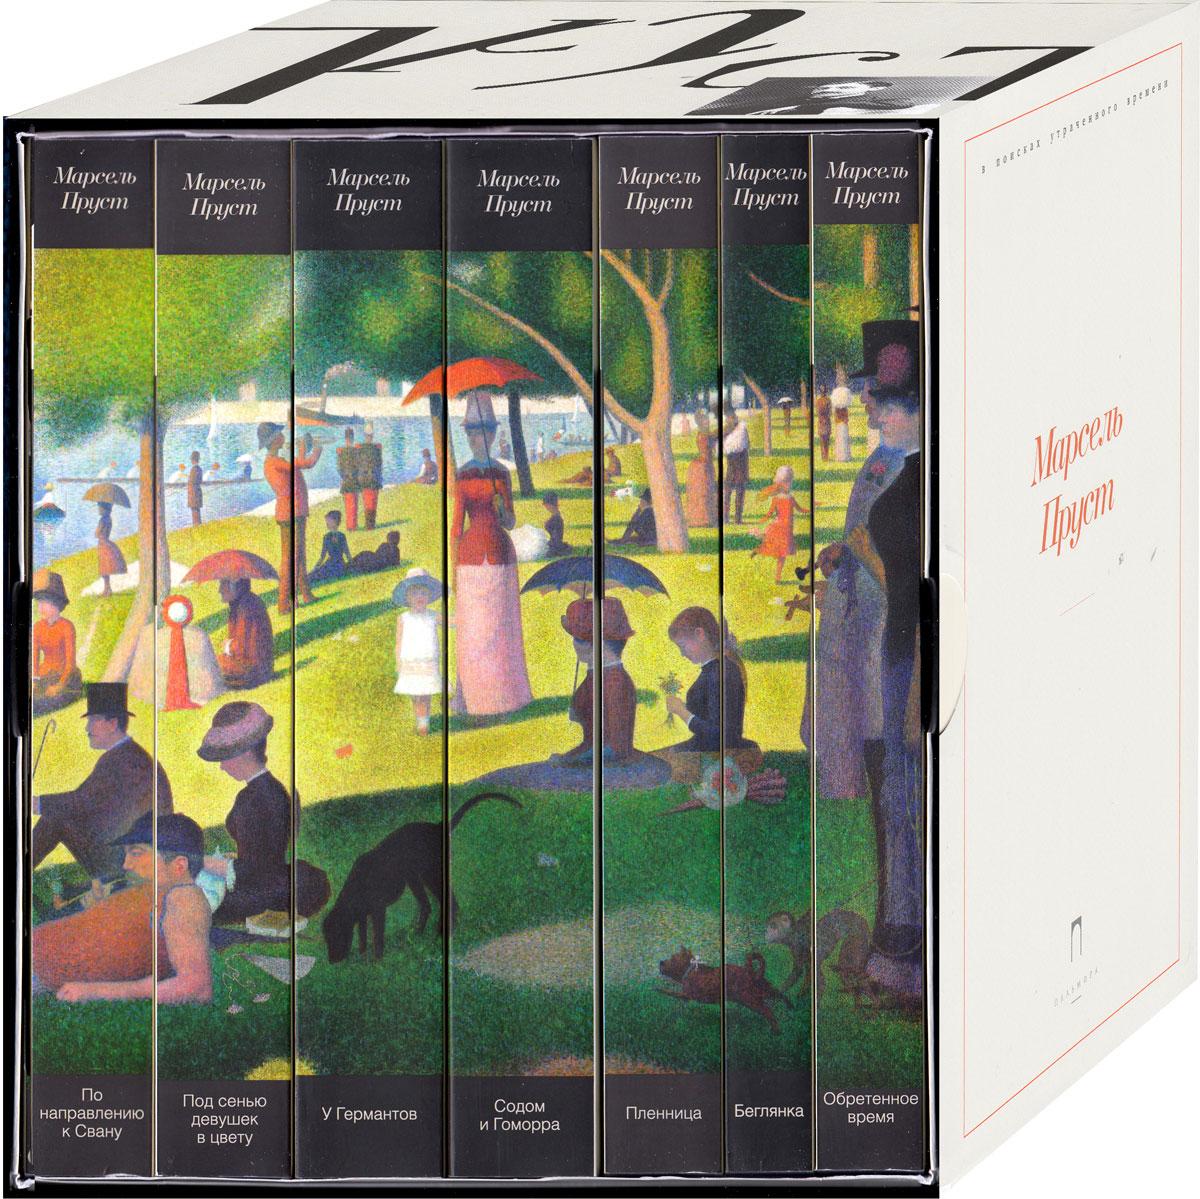 Марсель Пруст Марсель Пруст (комплект из 7 книг) оттяжка black diamond black diamond livewire quickdraw 12 cm 12см